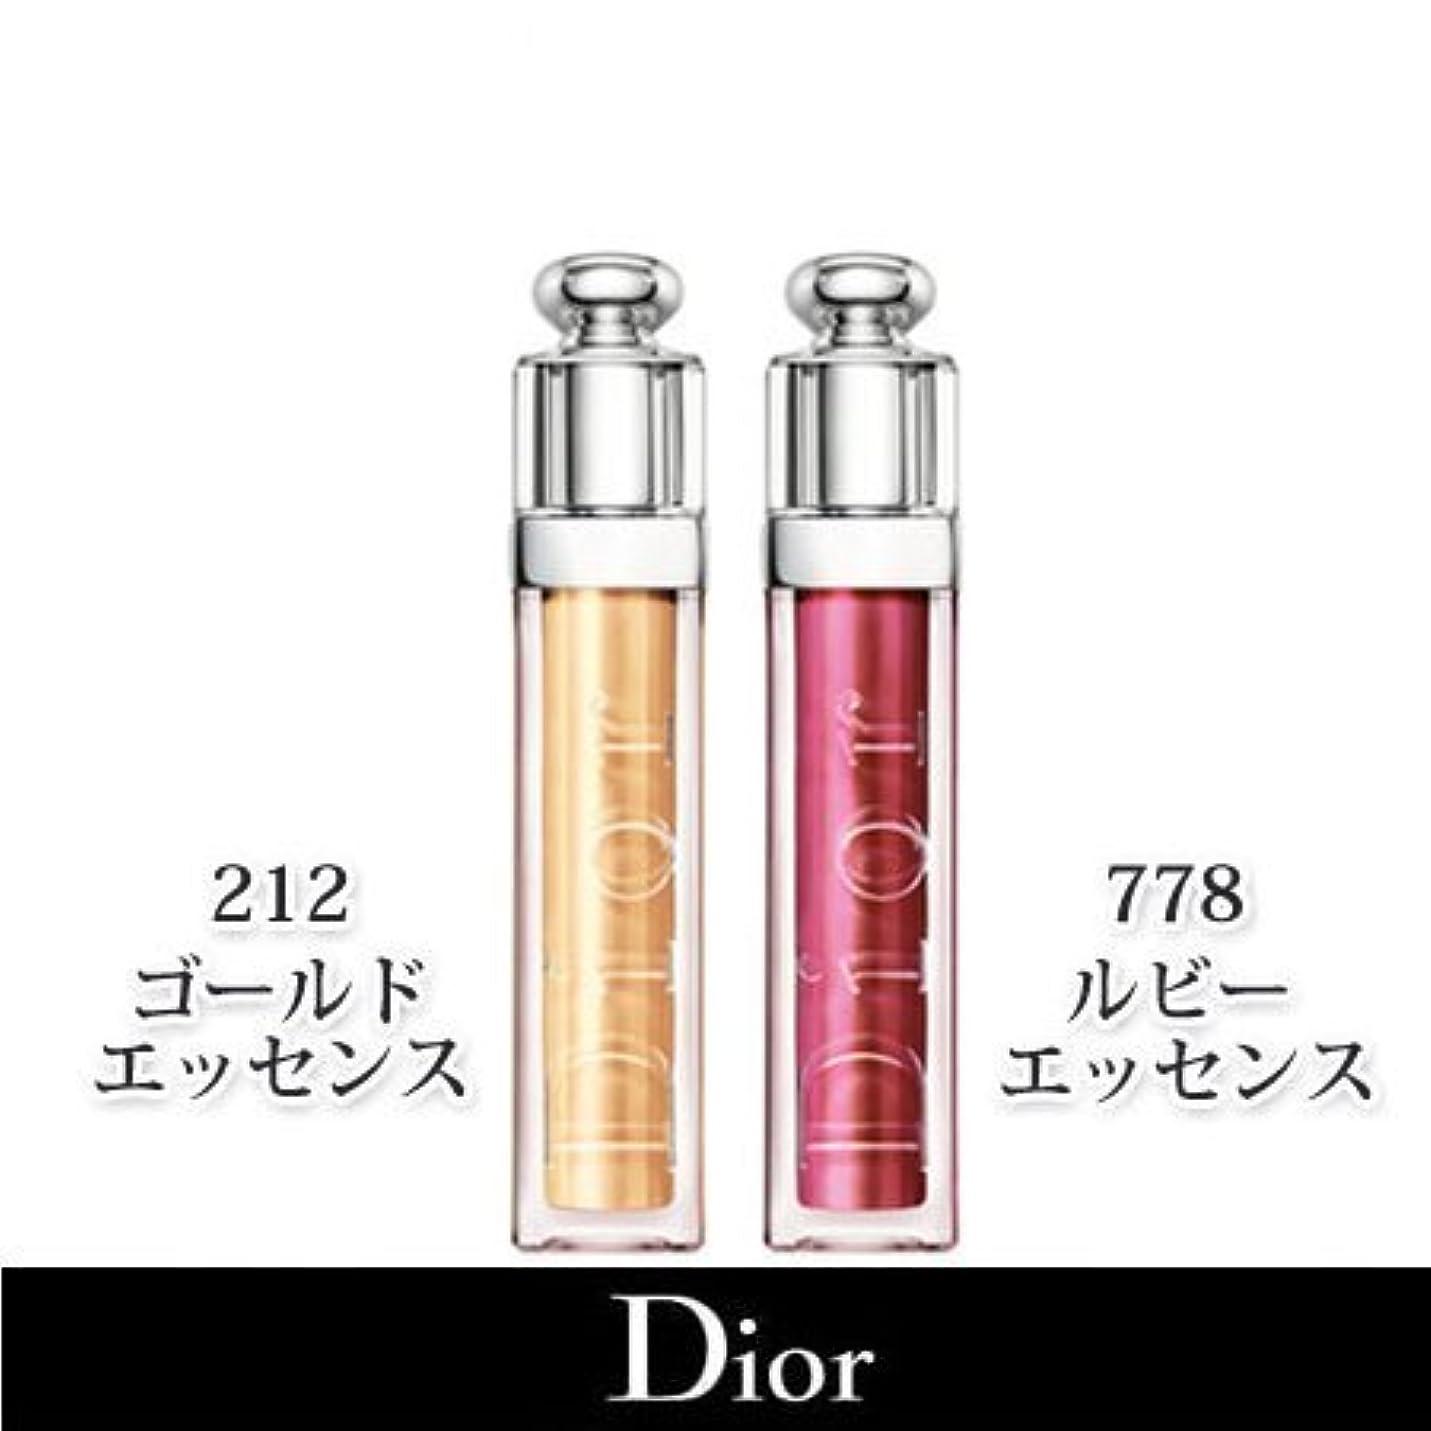 お世話になったキャップ舌なディオール アディクト グロス 限定2色 2017 クリスマス コフレ -Dior- 212:ゴールド エッセンス